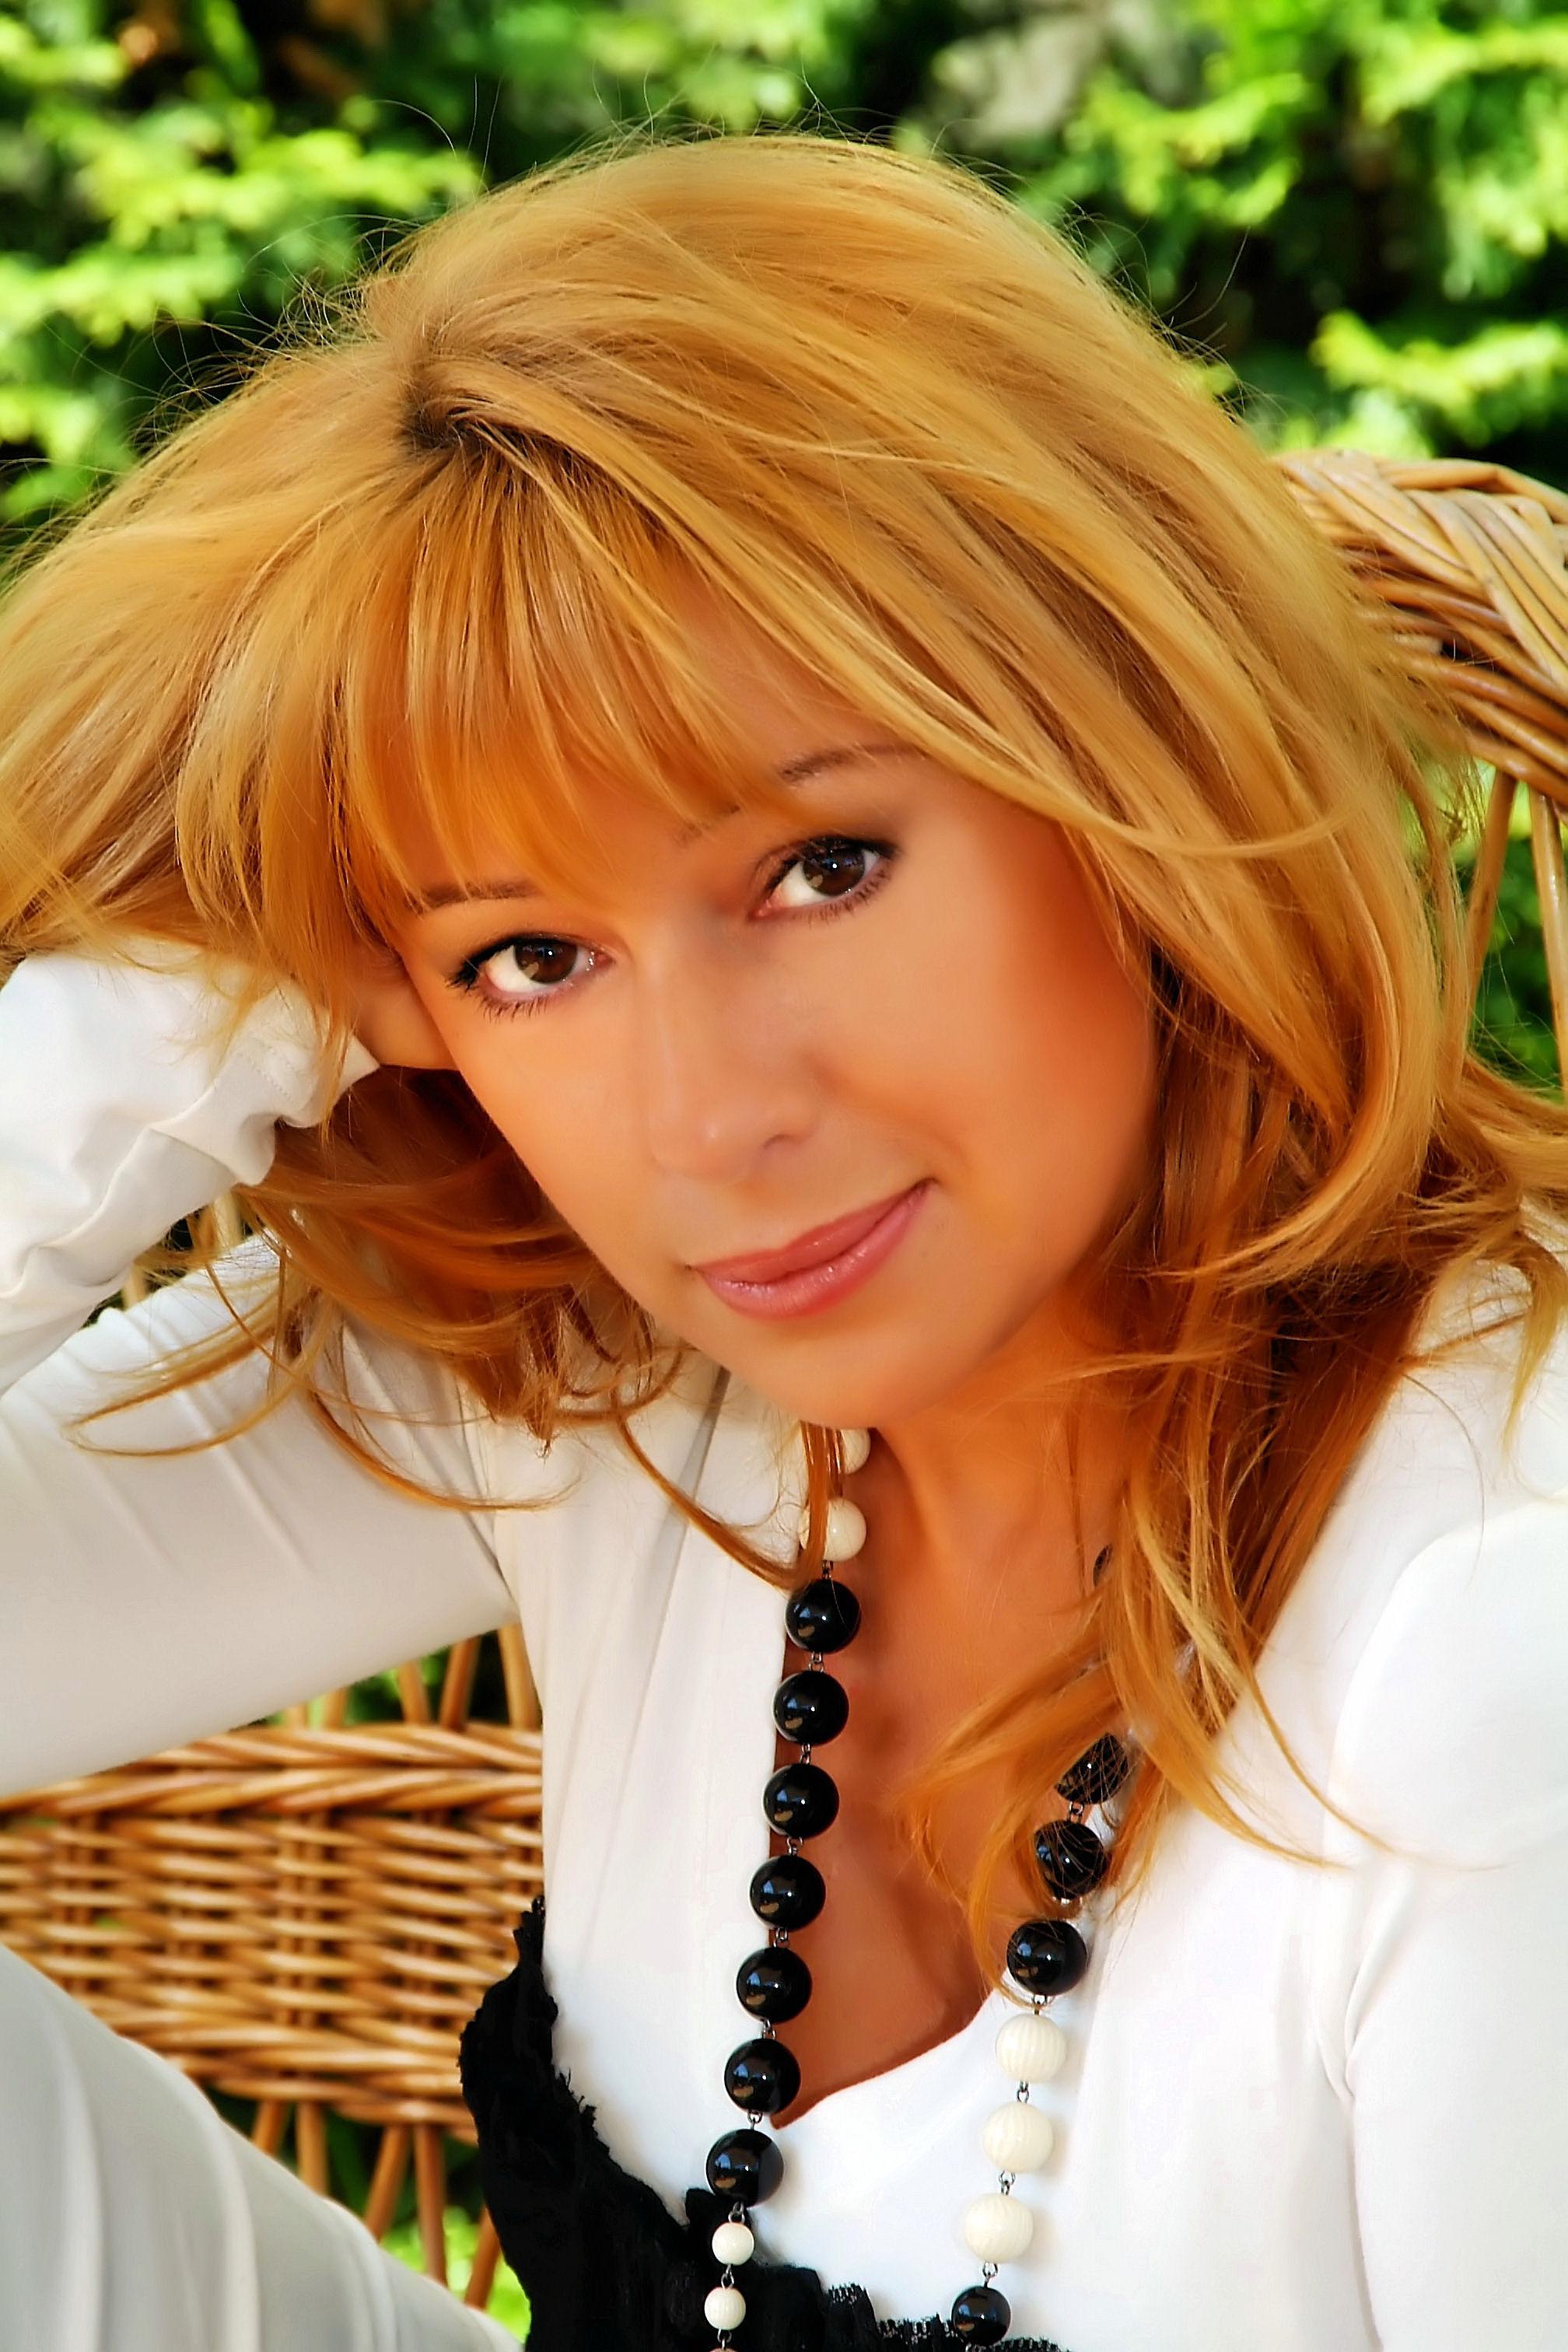 Алёна апина — фото, биография, личная жизнь, новости, певица 2020 - 24сми